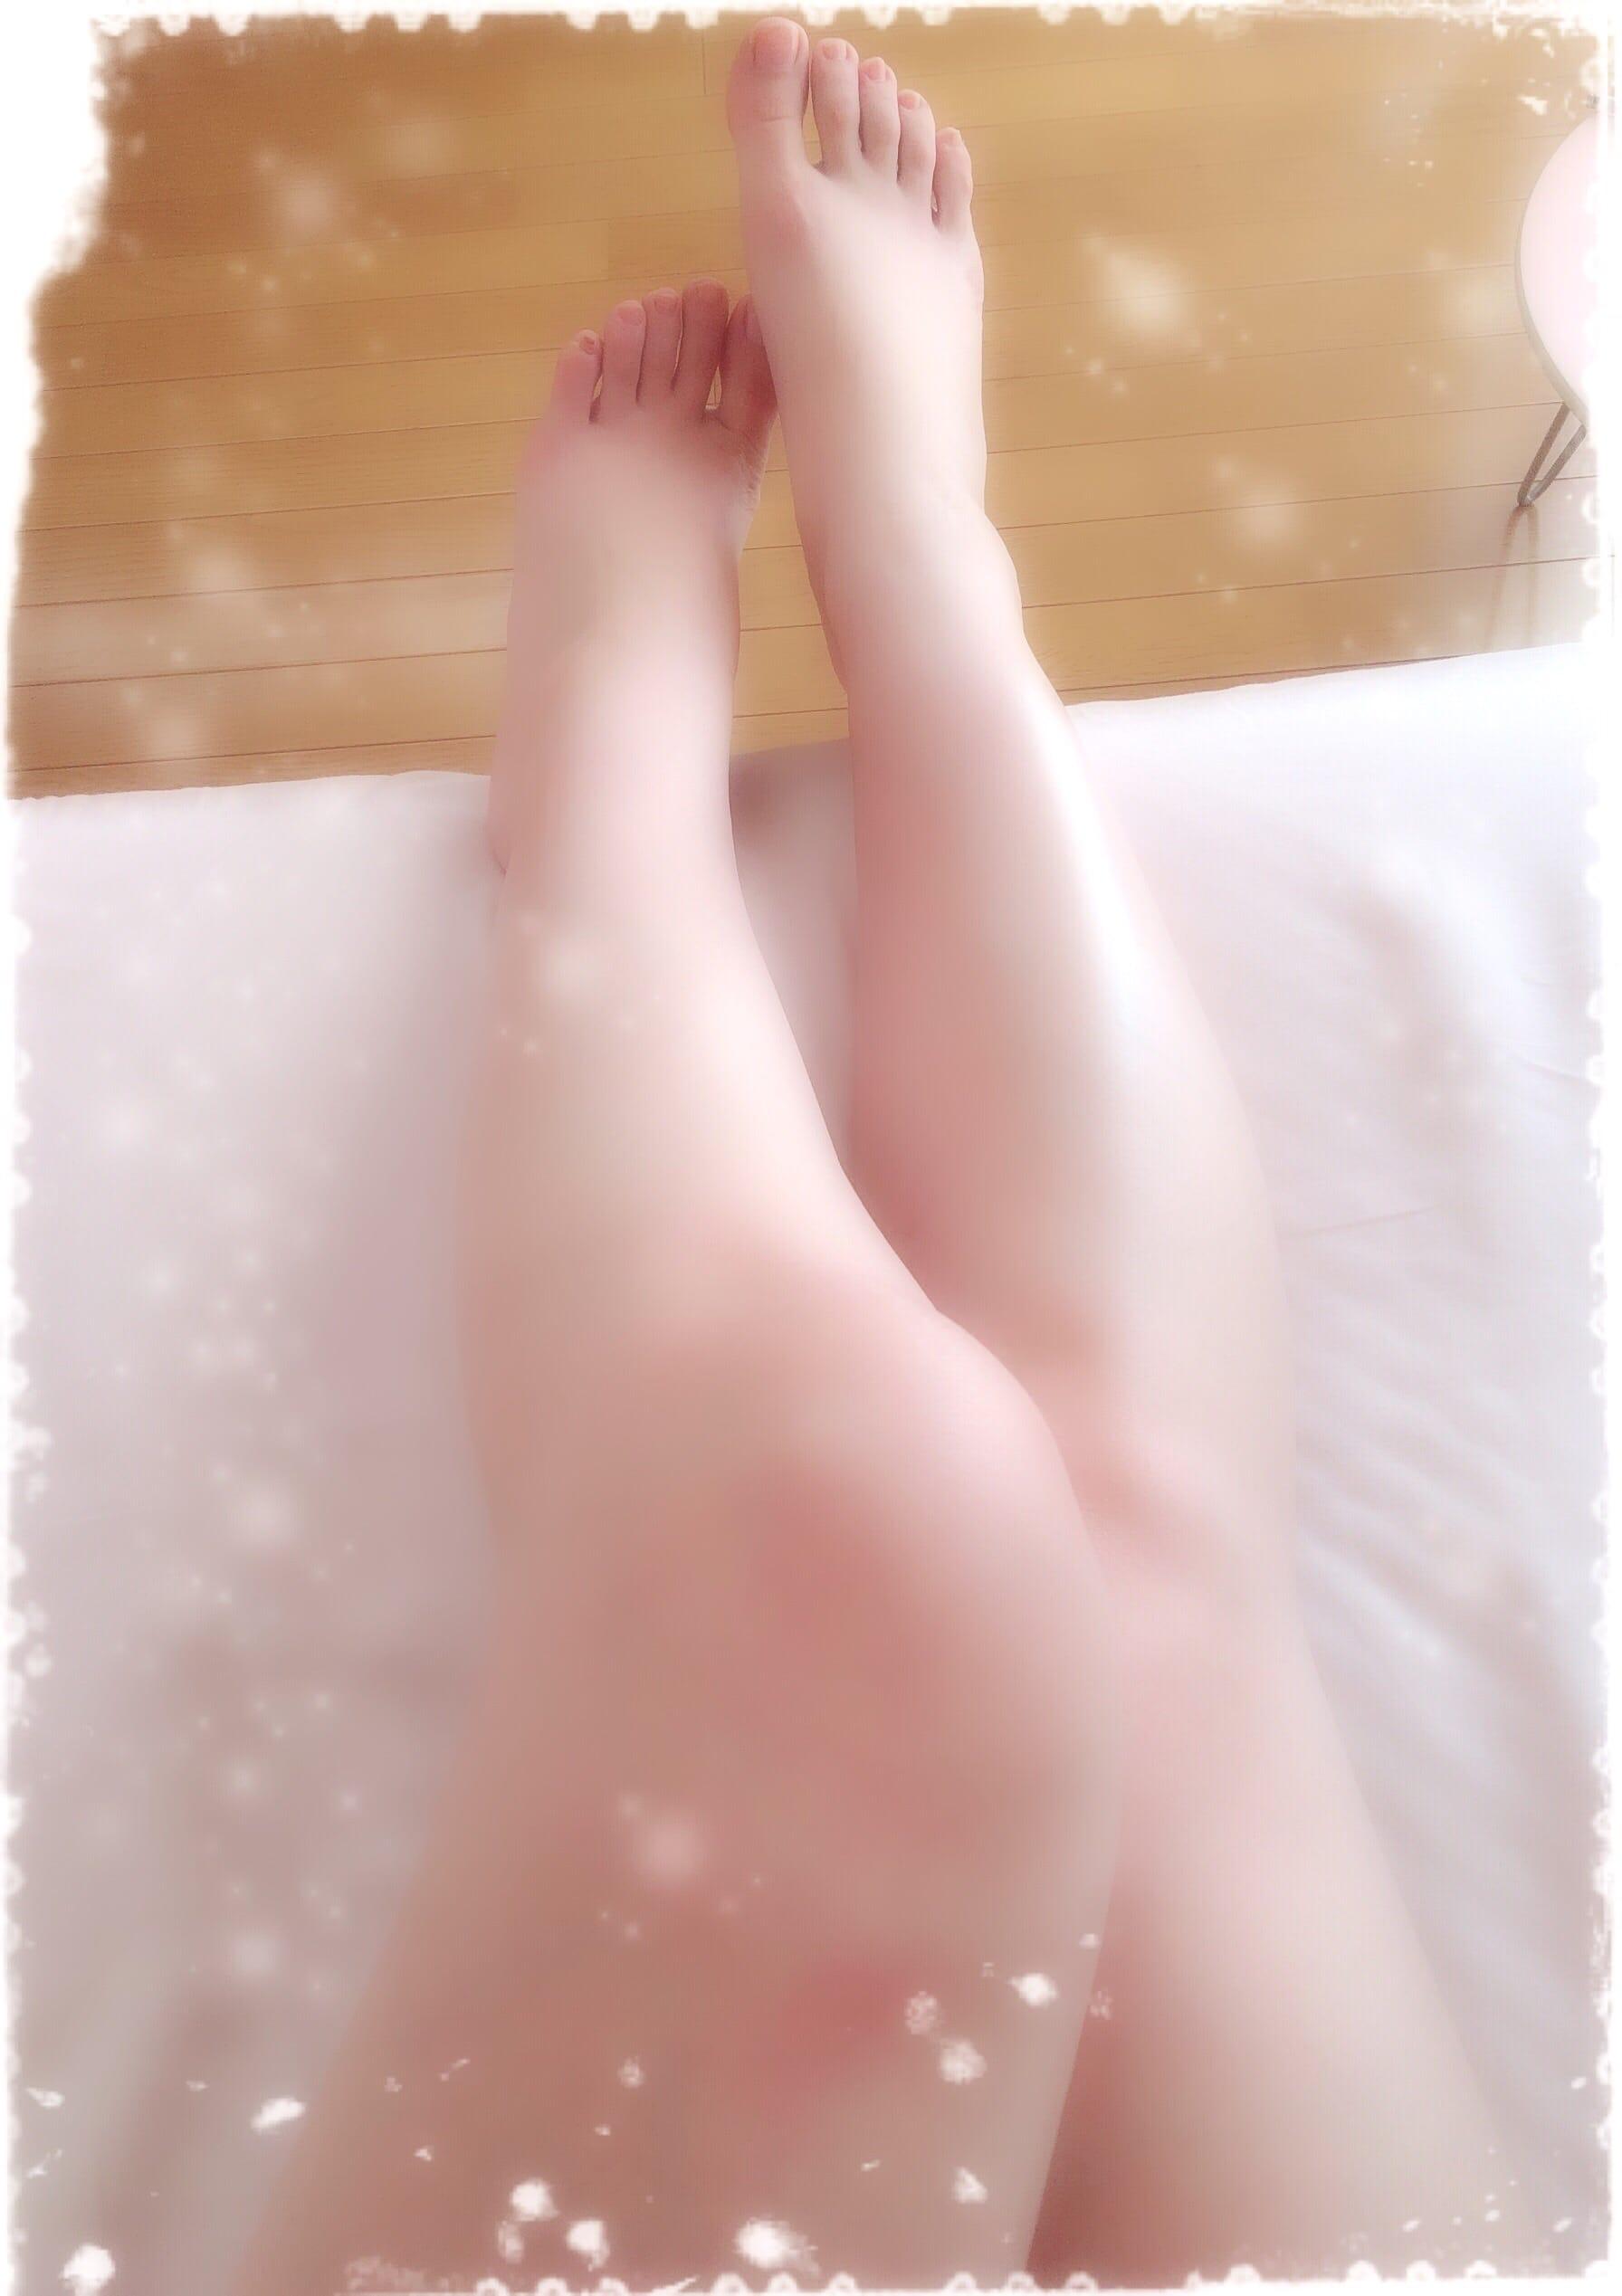 「♡シャワータイム♡」03/22(03/22) 10:01   もえの写メ・風俗動画